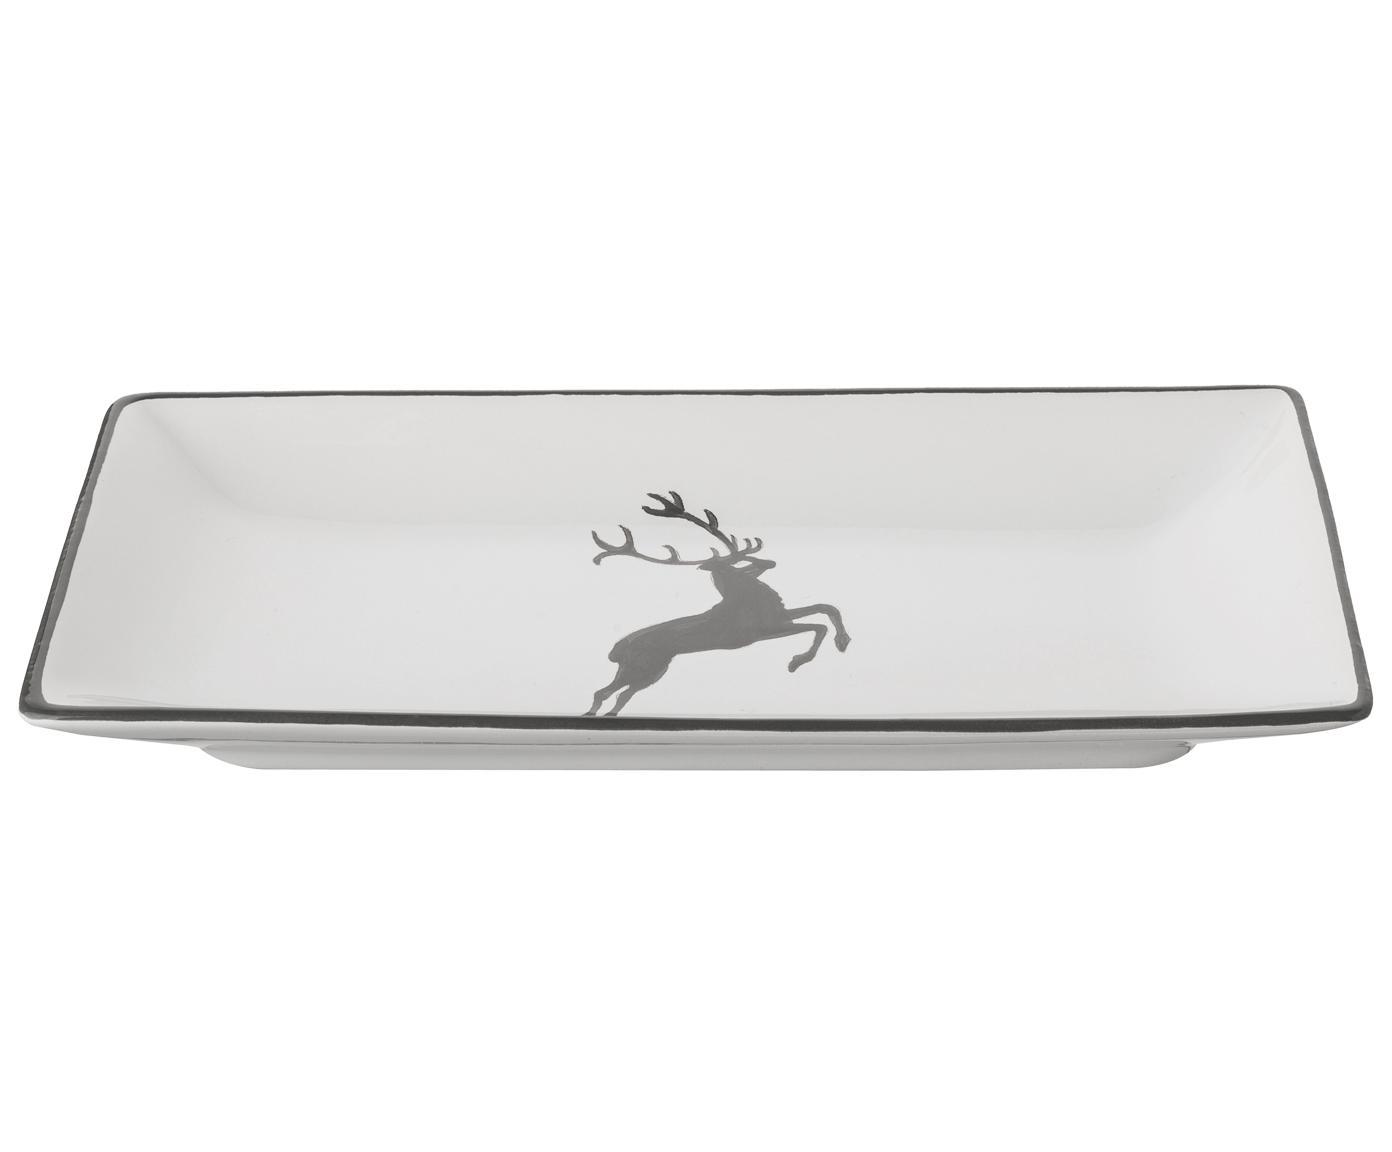 Servierplatte Grauer Hirsch, Keramik, Grau,Weiß, 22 x 11 cm